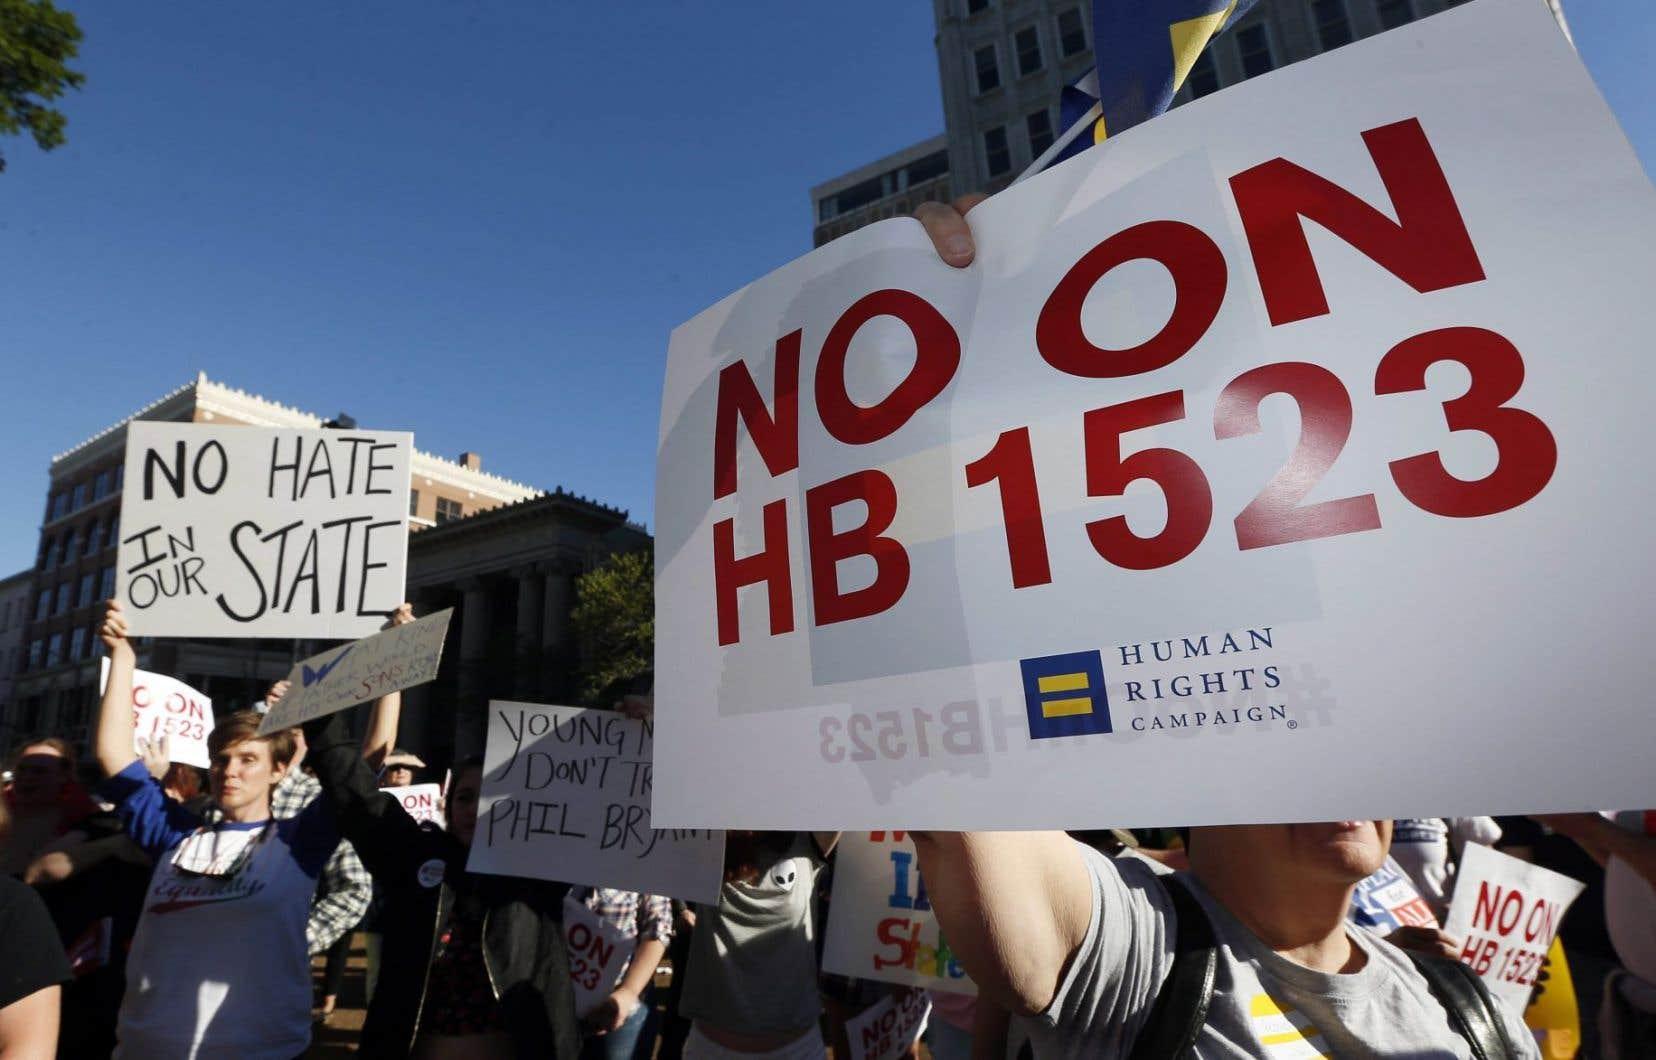 Manifestation contre la loi HB1523 devant la maison du gouverneur à Jackson, au Mississippi. Cet État autorise l'homophobie au nom du pluralisme des convictions sincères face au mariage, écrit X. H. Rioux.